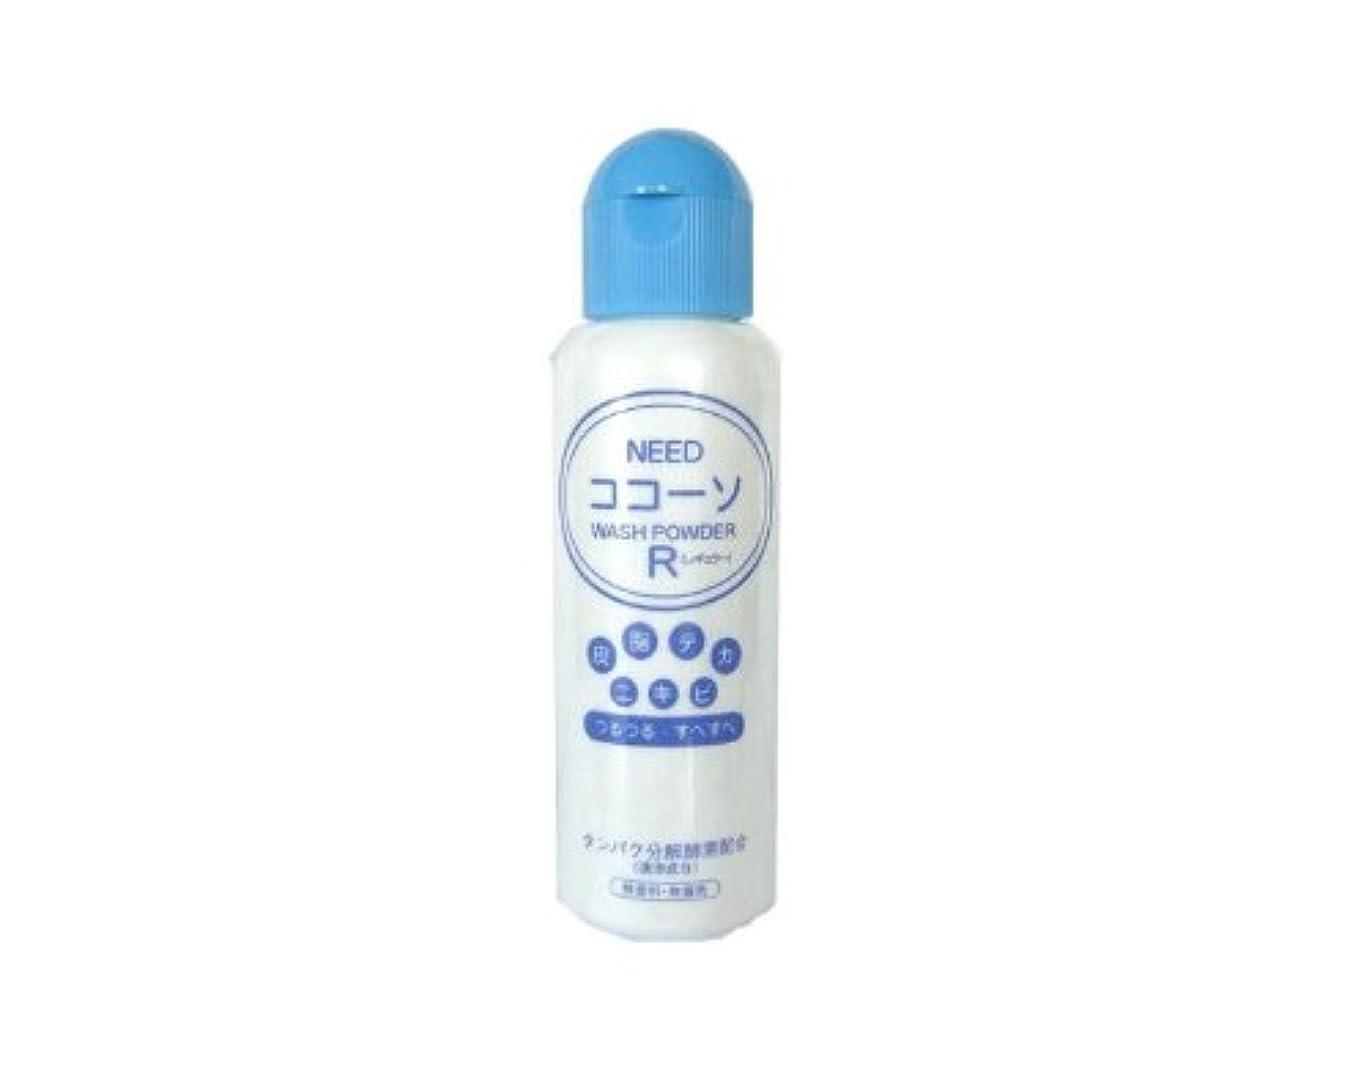 遺産麺保存ニード ココーソ 洗顔パウダー R(レギュラー) 52g